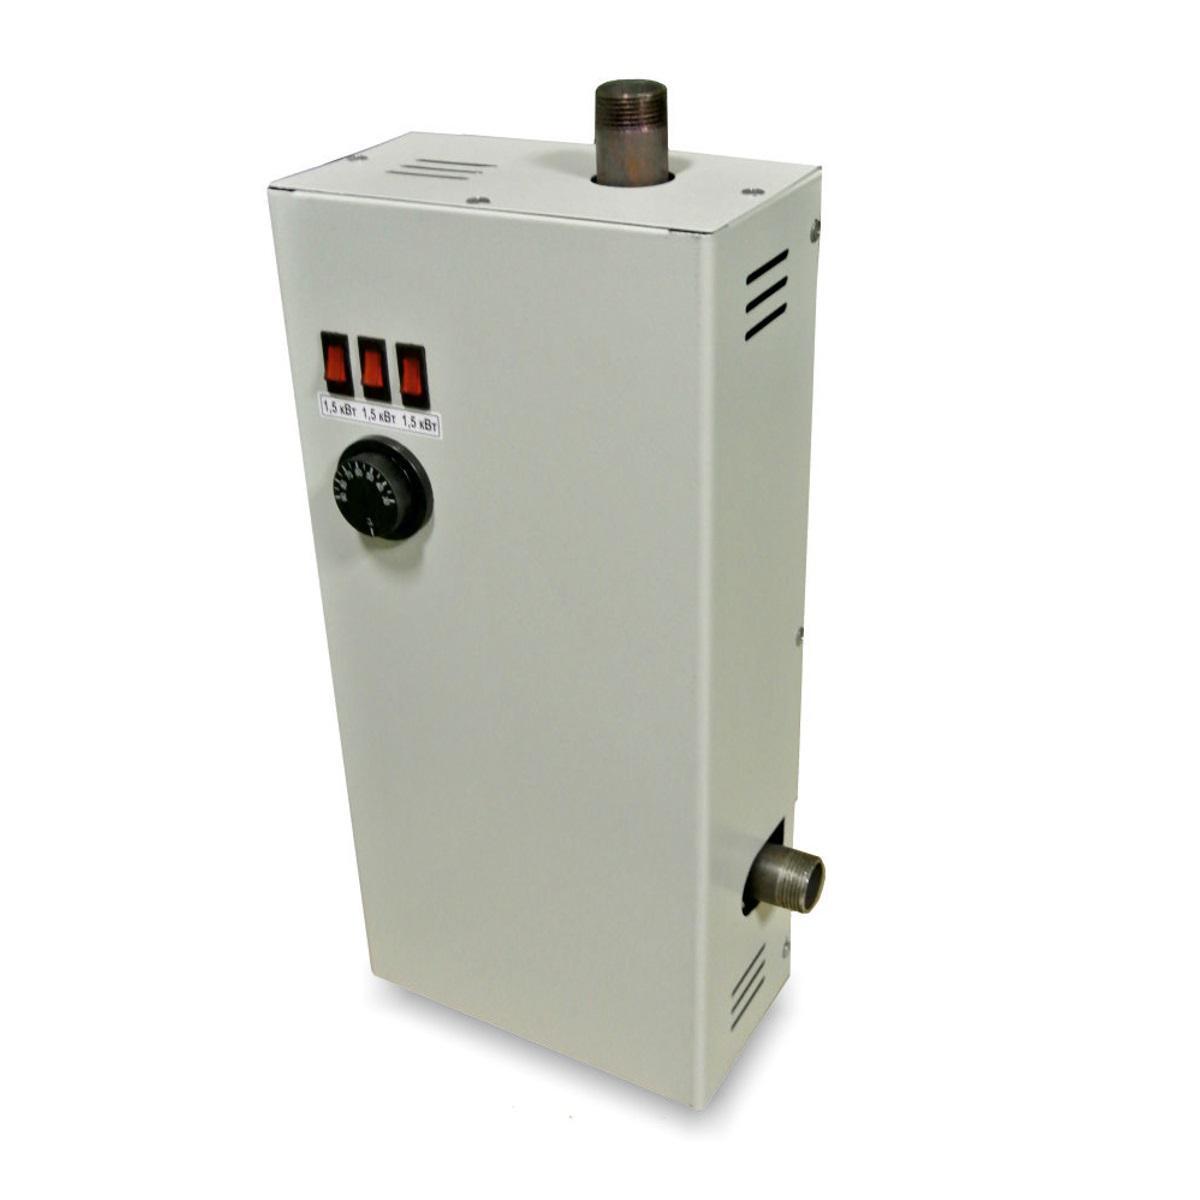 Электрический котел УРАЛПРОМ ЭВПМ-9кВт (380В) электрический котел savitr star lux 15квт 380в